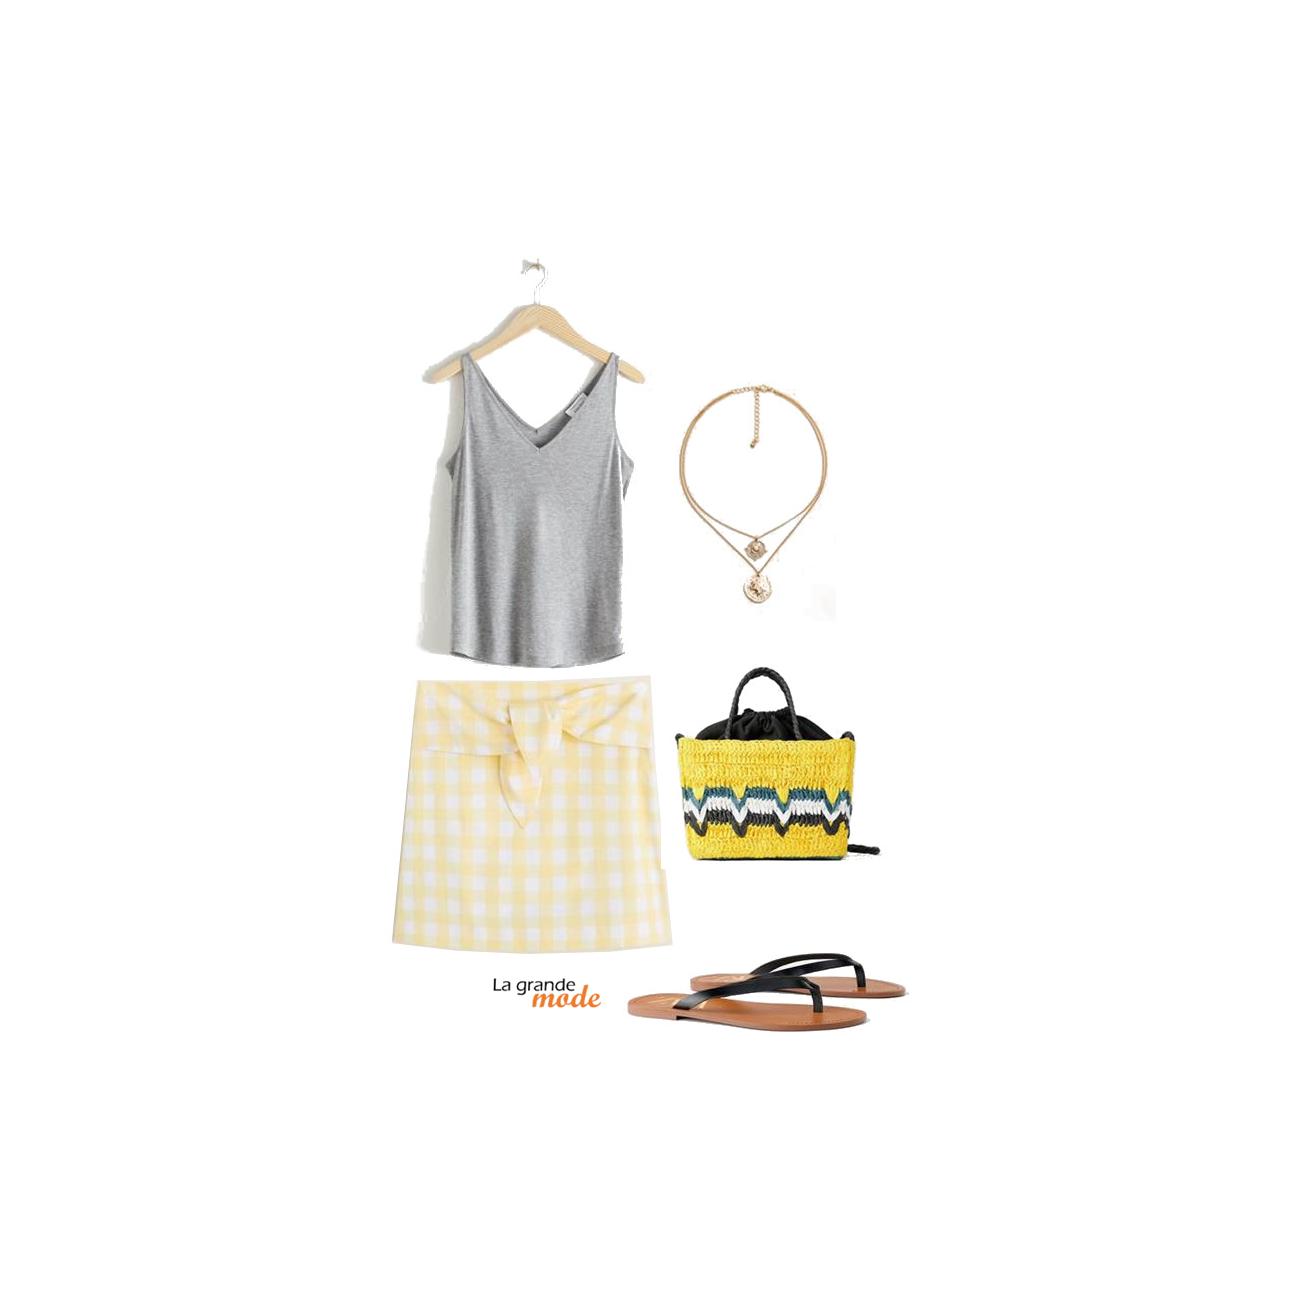 La Grande Mode - Idée look avec une jupe vichy - Tendance mode printemps été 2019 - SS2019 SS19